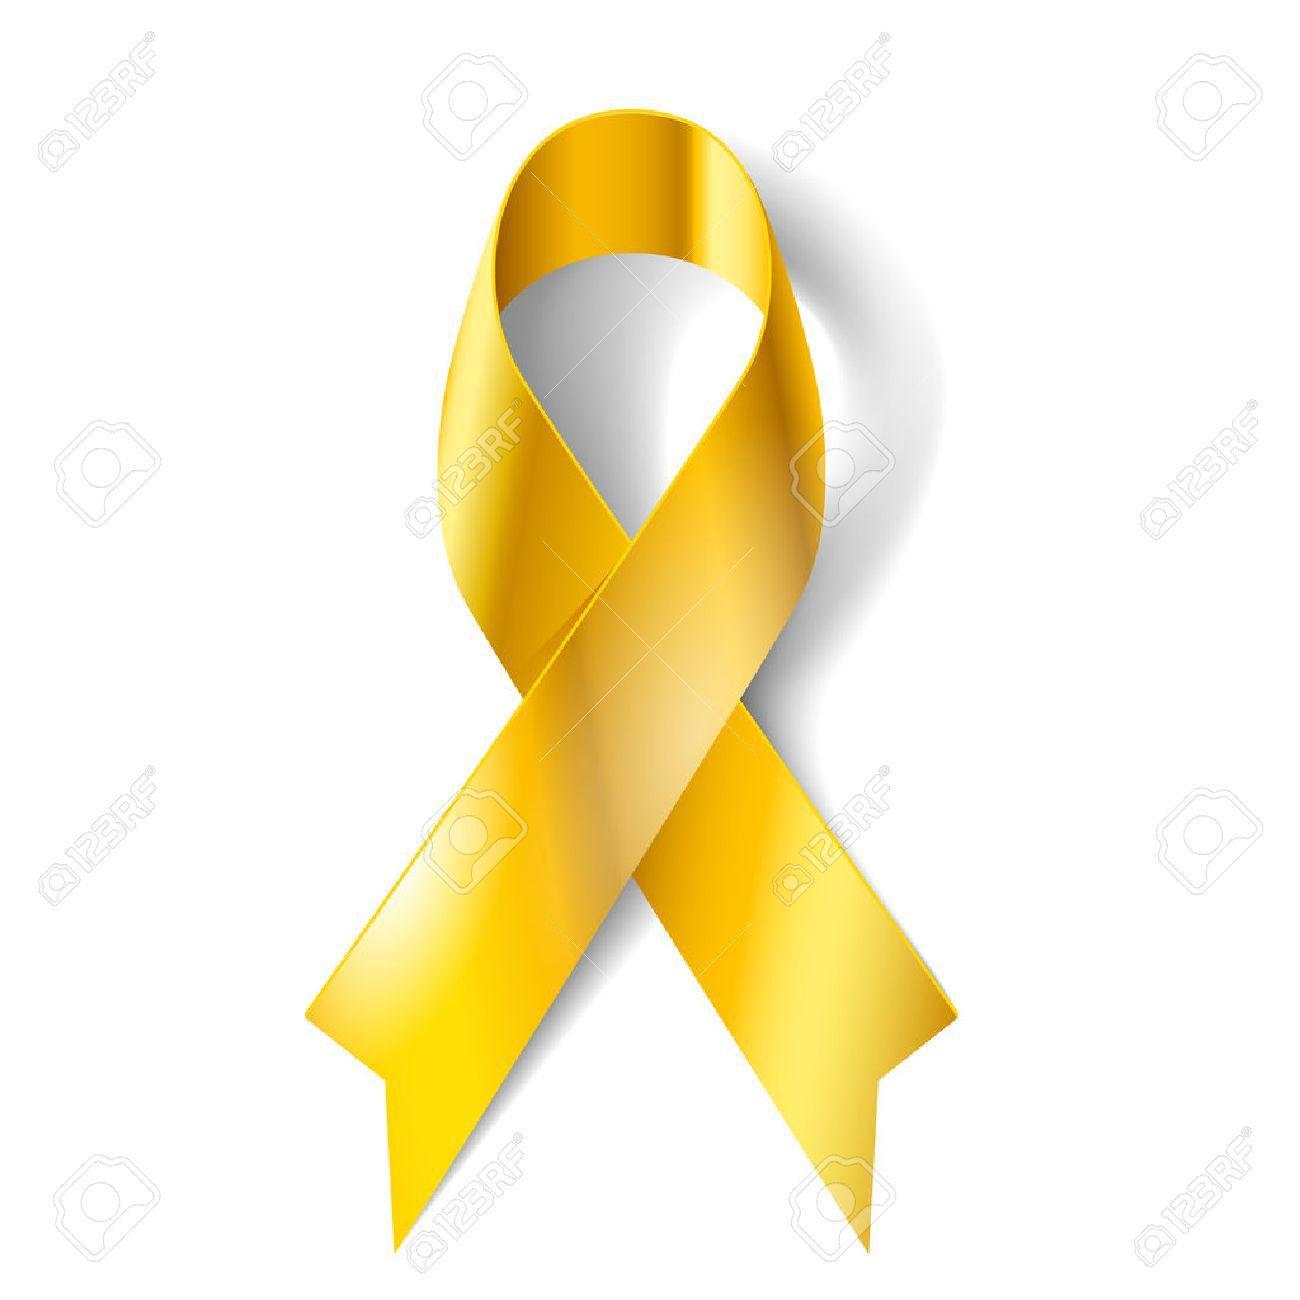 28022596-Ruban-d-or-comme-symbole-de-la-conscience-de-cancer-de-l-enfance-Banque-d'images